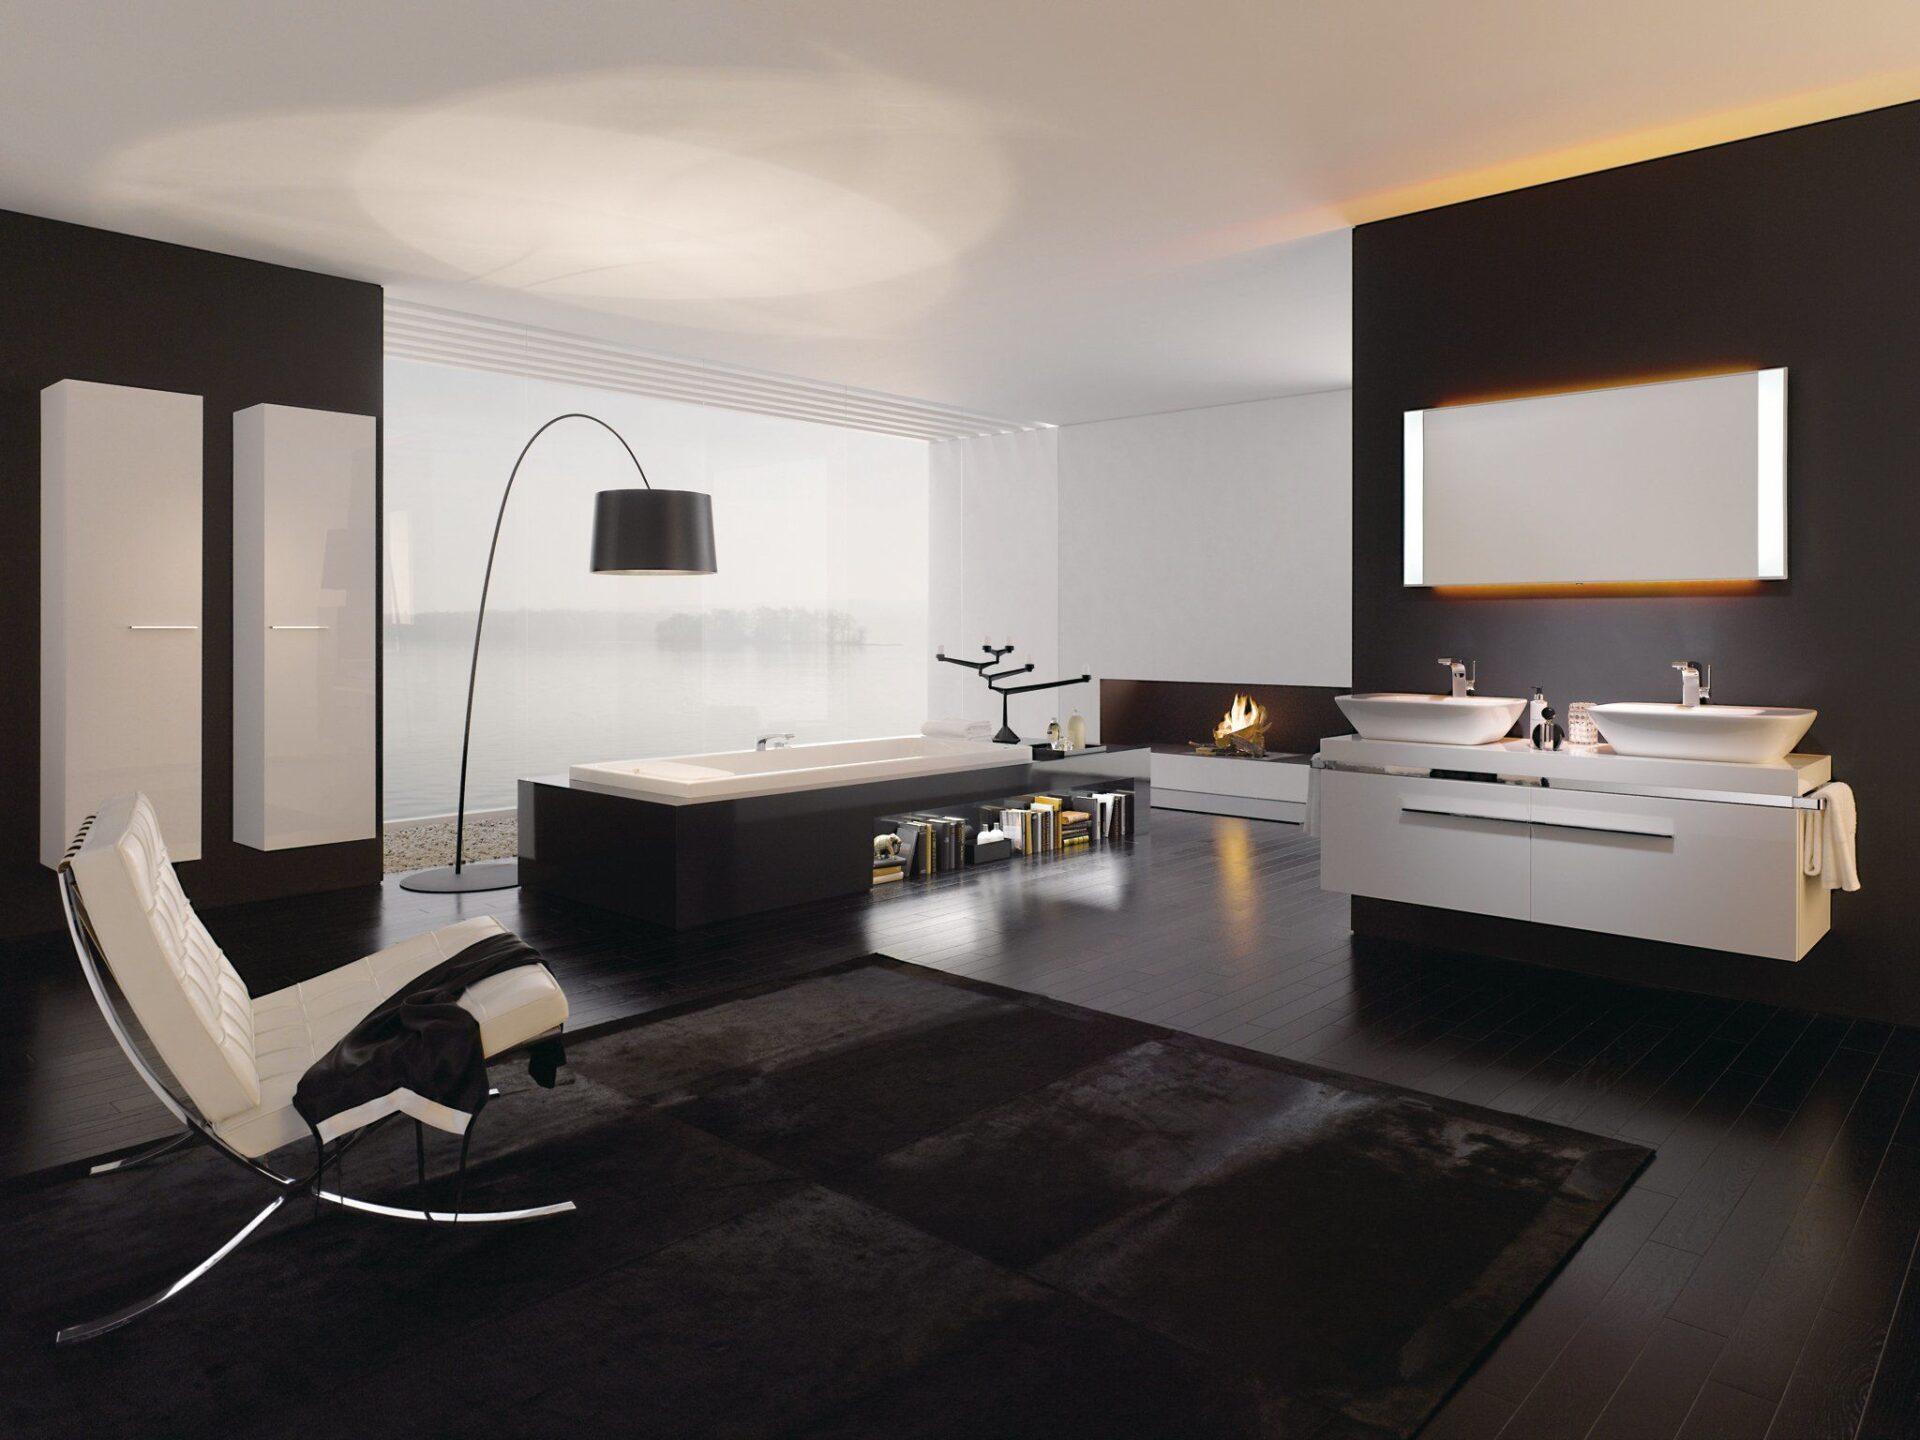 freistehende badewanne im schlafzimmer baby bettw sche junge moderne bilder f r schlafzimmer. Black Bedroom Furniture Sets. Home Design Ideas